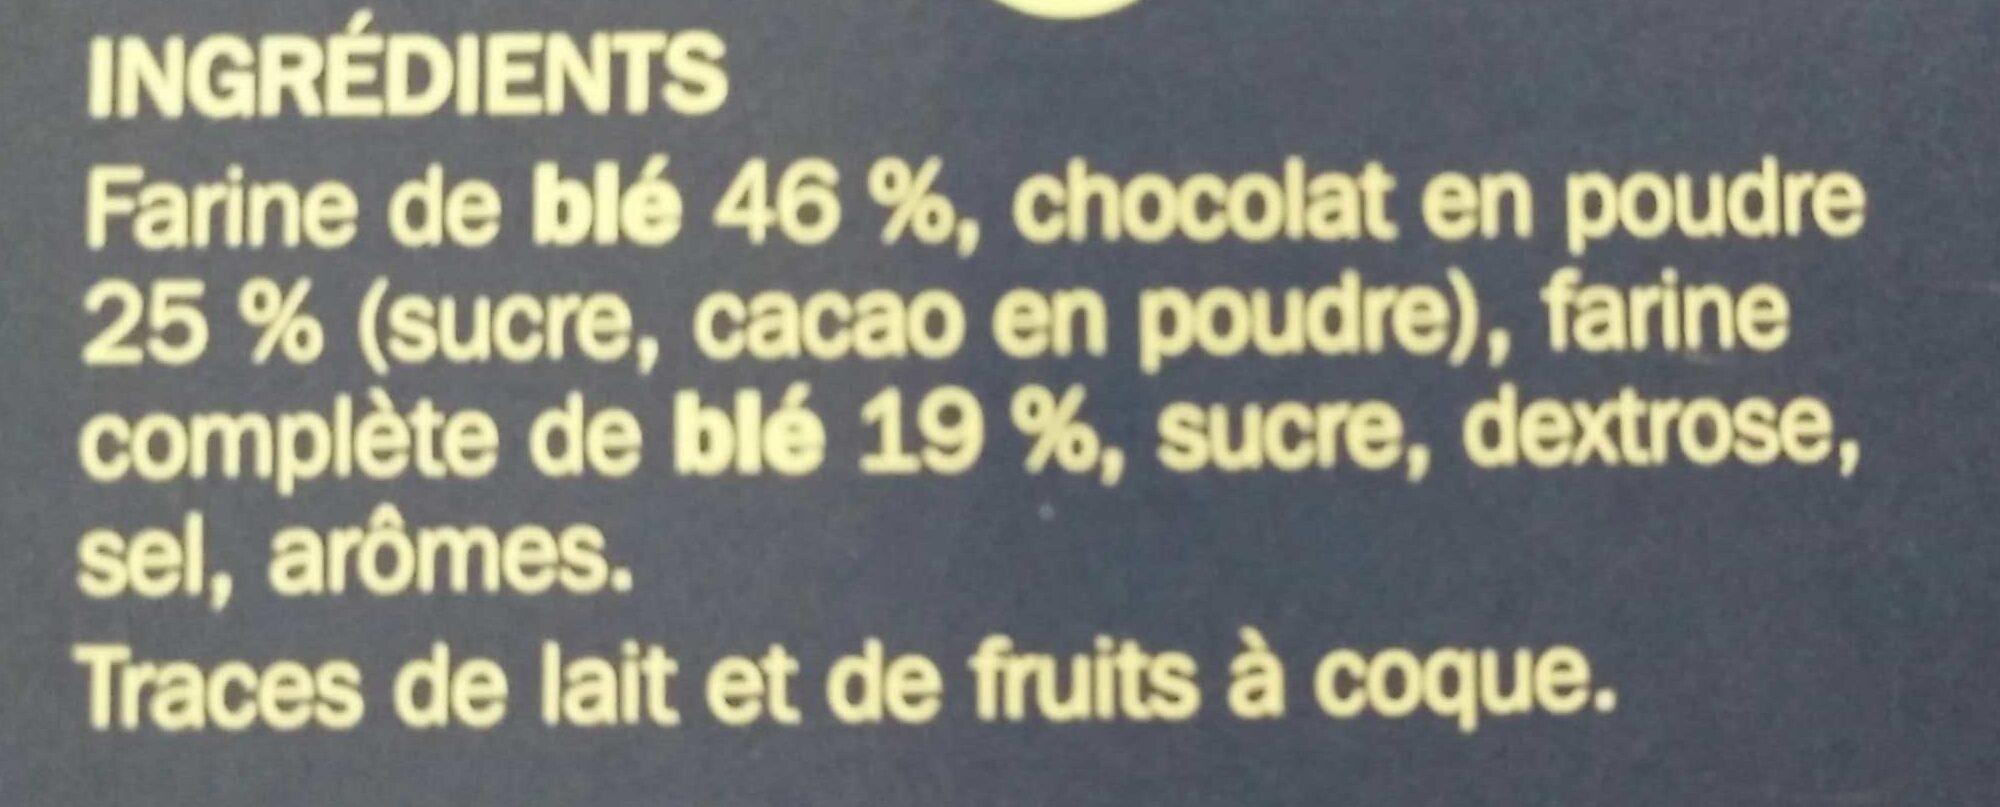 Pétales de blé au chocolat - Ingrédients - fr